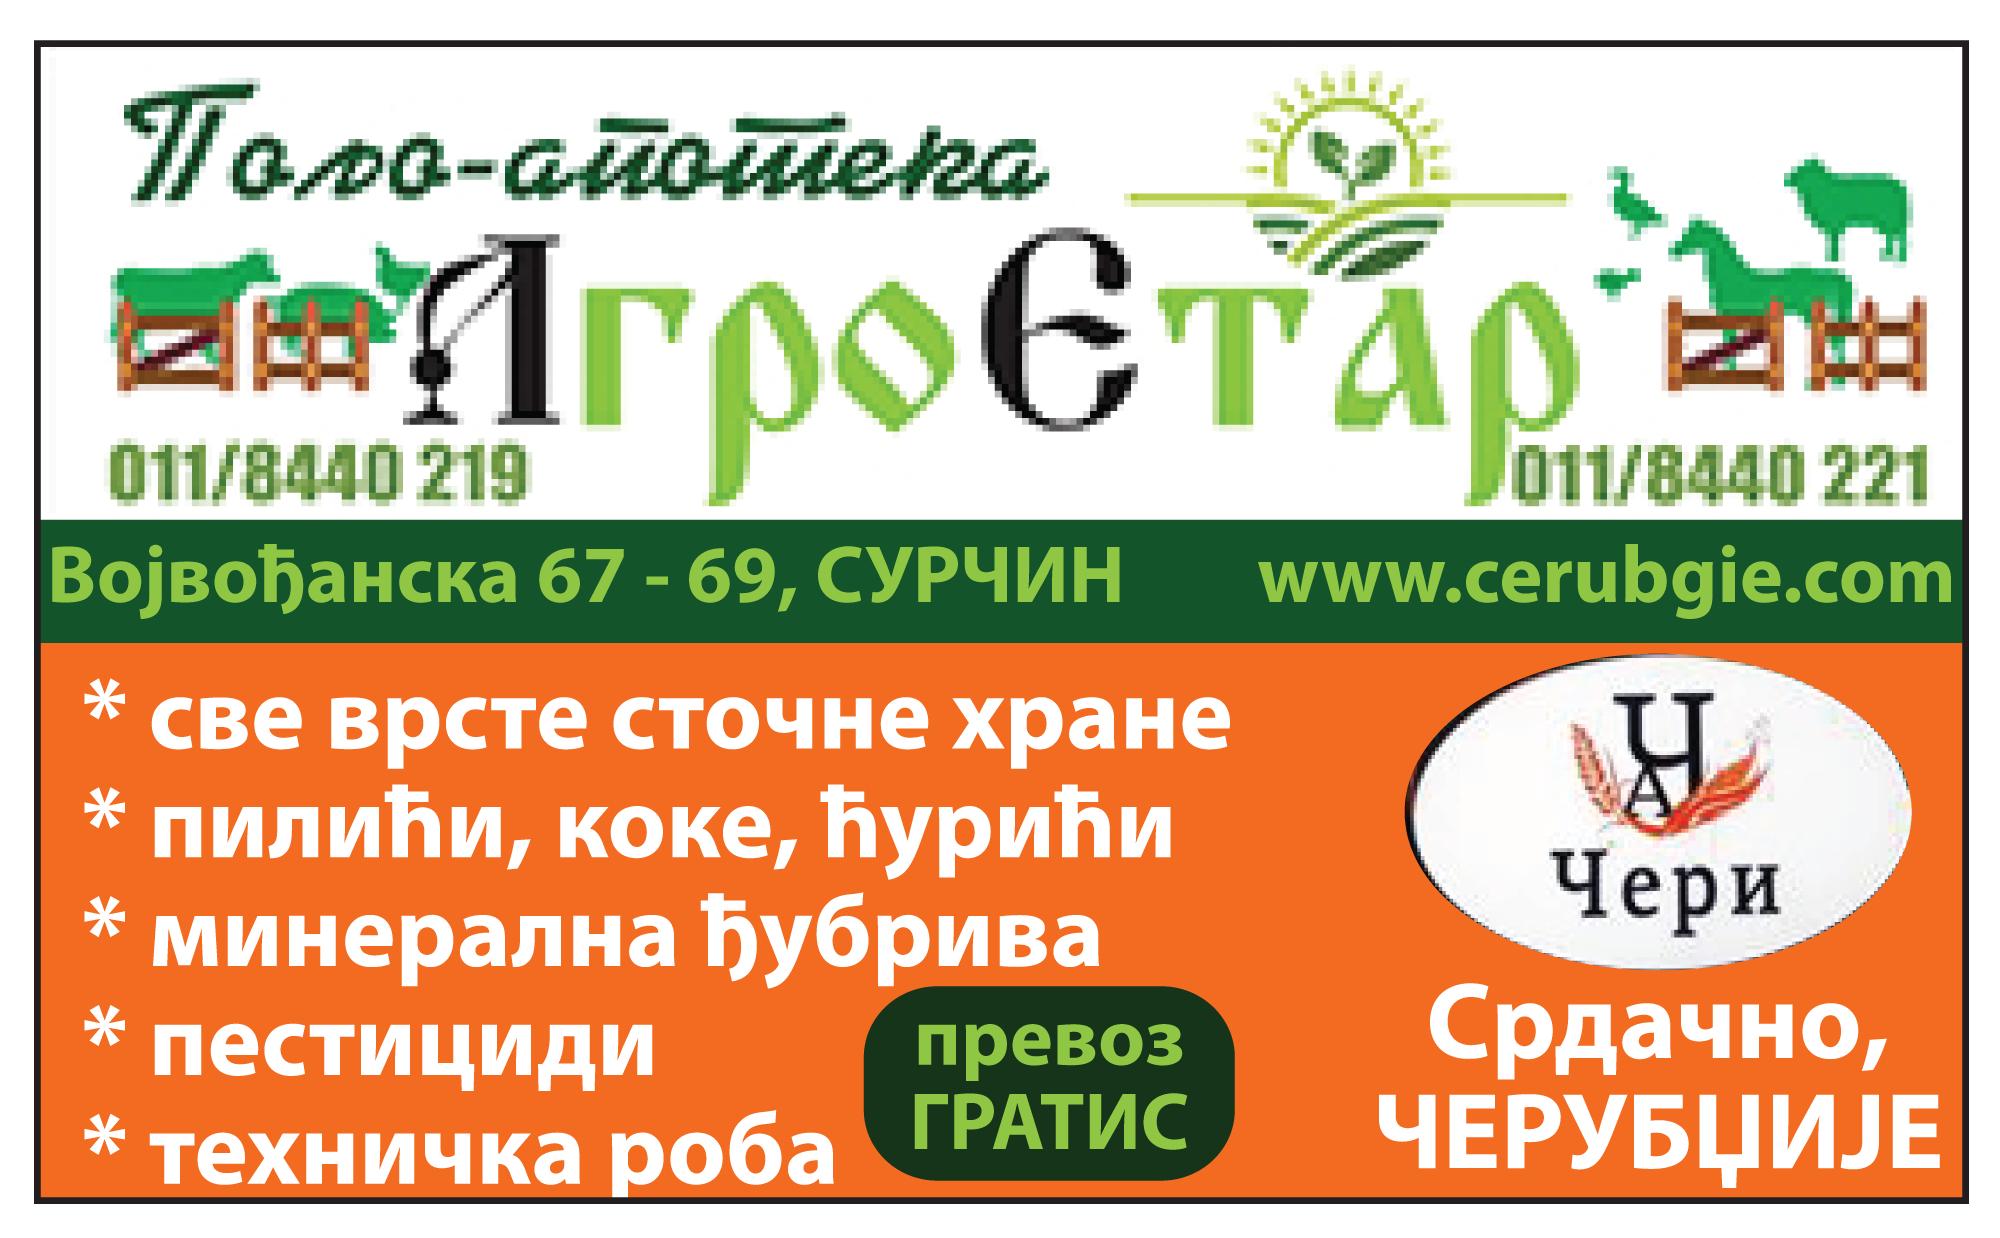 agroetar-cerubdgie-cerubdzije-surcin-farma-poljoprivreda-djubriva-alatke-stocnahrana-pesticidi-prskanje-tehnickaroba-mojabazacom(1)